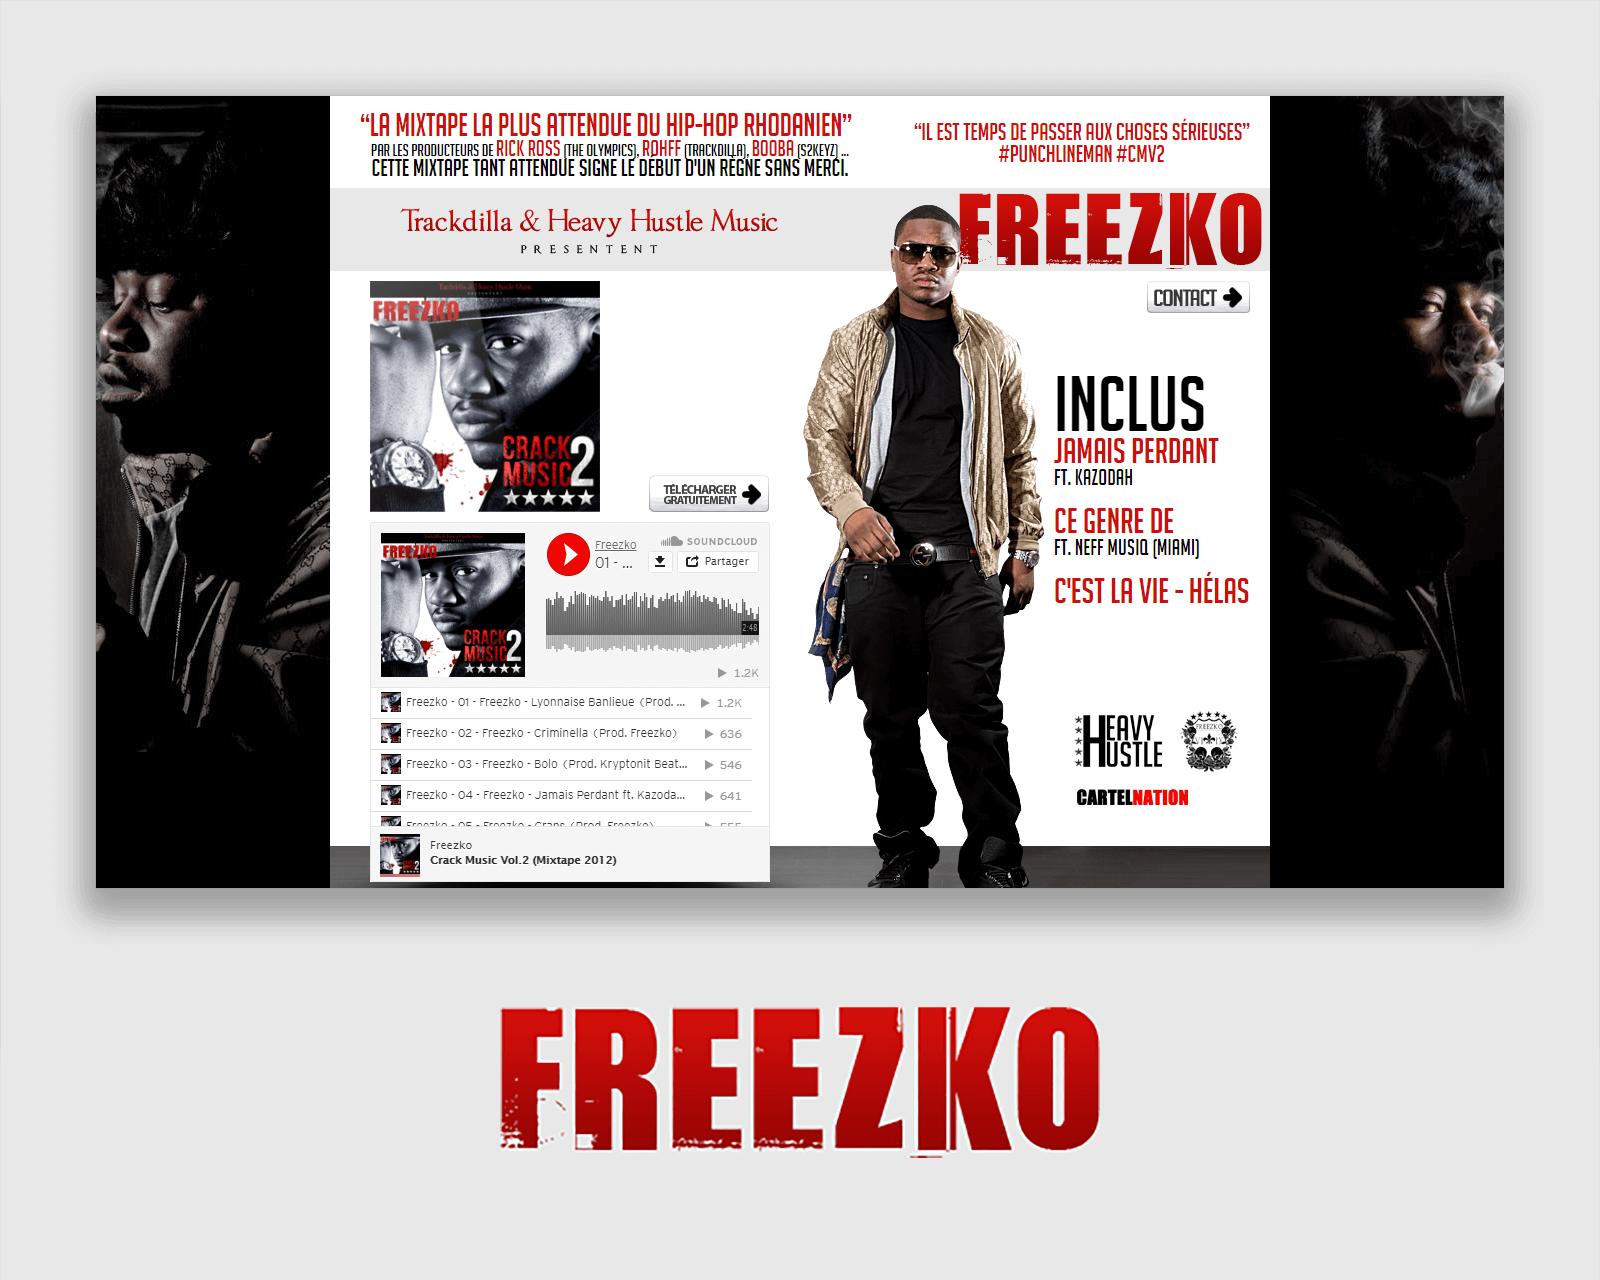 Freezko